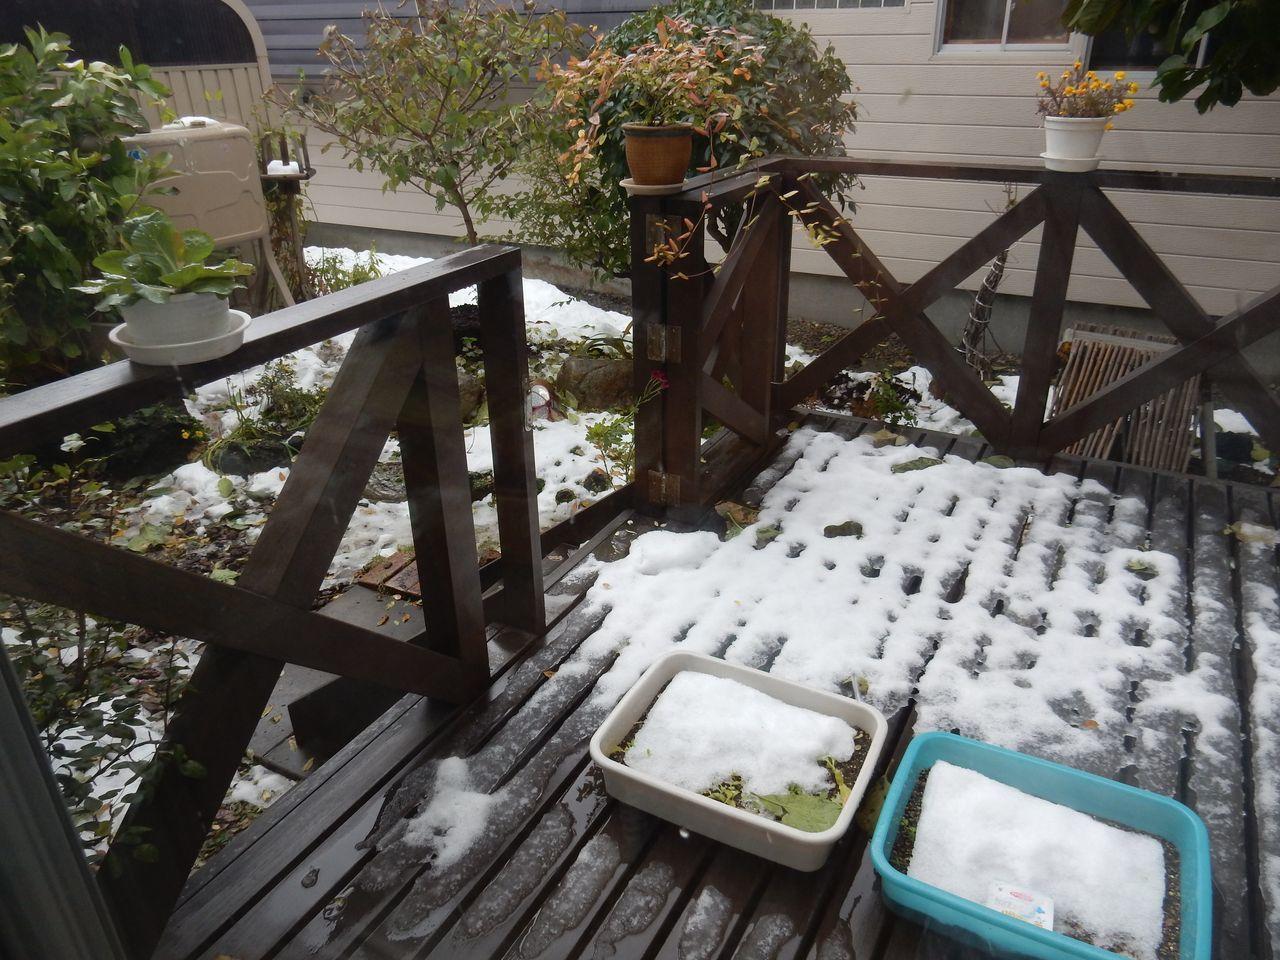 着々と積雪は減って_c0025115_20512511.jpg